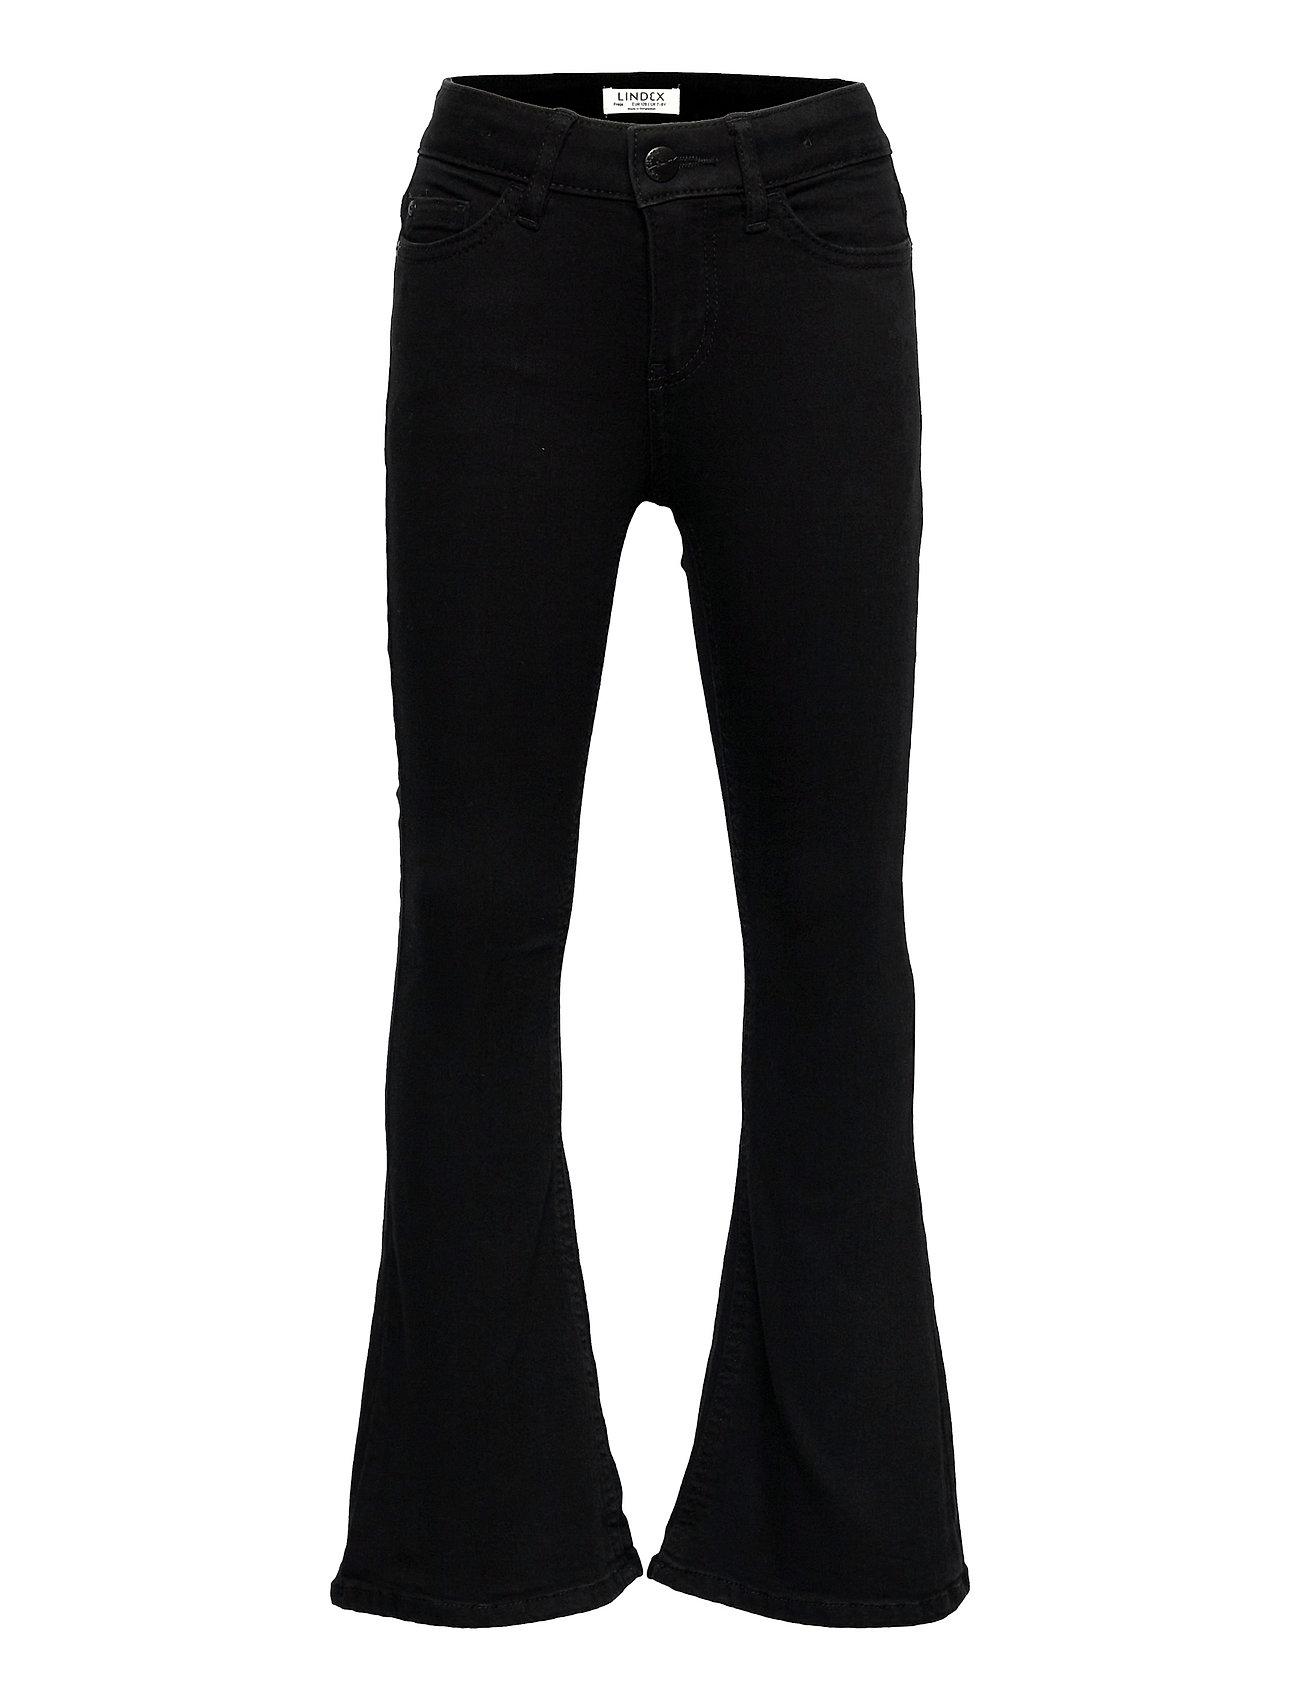 Trousers Denim Freja Black Fla Jeans Sort Lindex